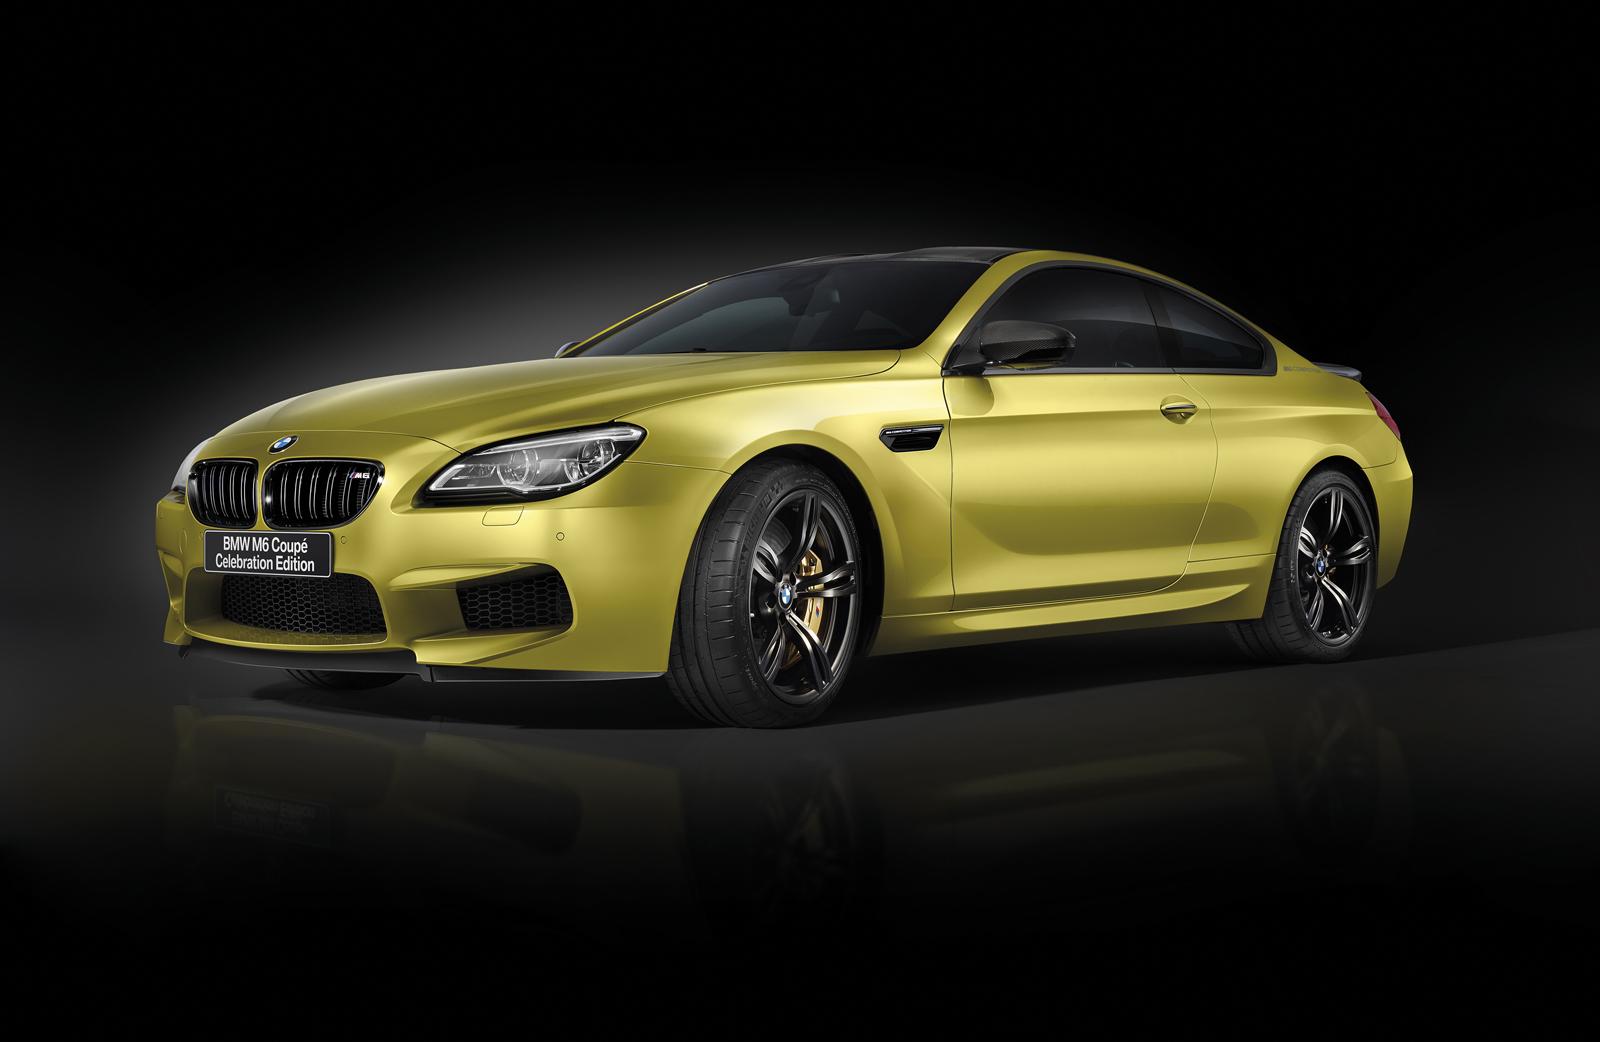 BMW M6 Celebration Edition Competition: 13 unidades para celebrar el centenario en Japón 1